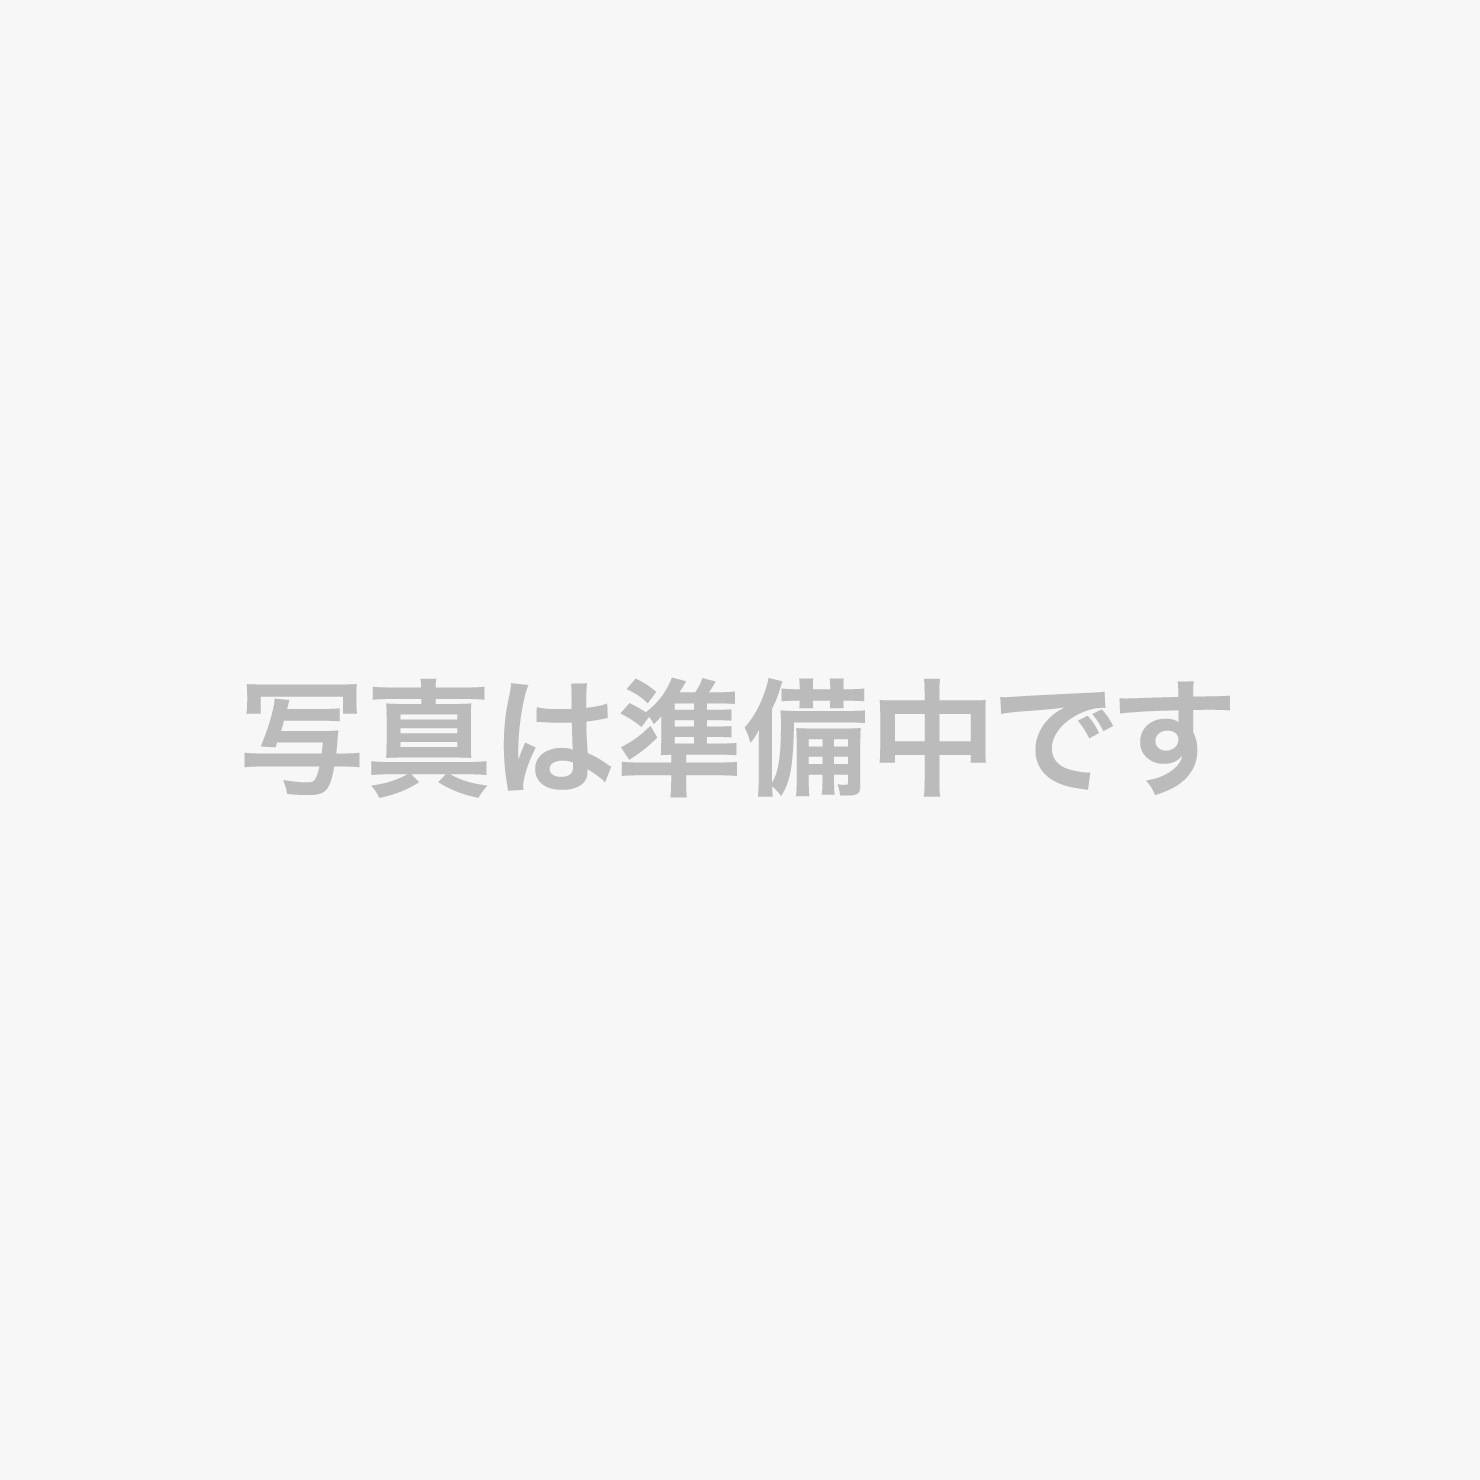 ロビー新聞